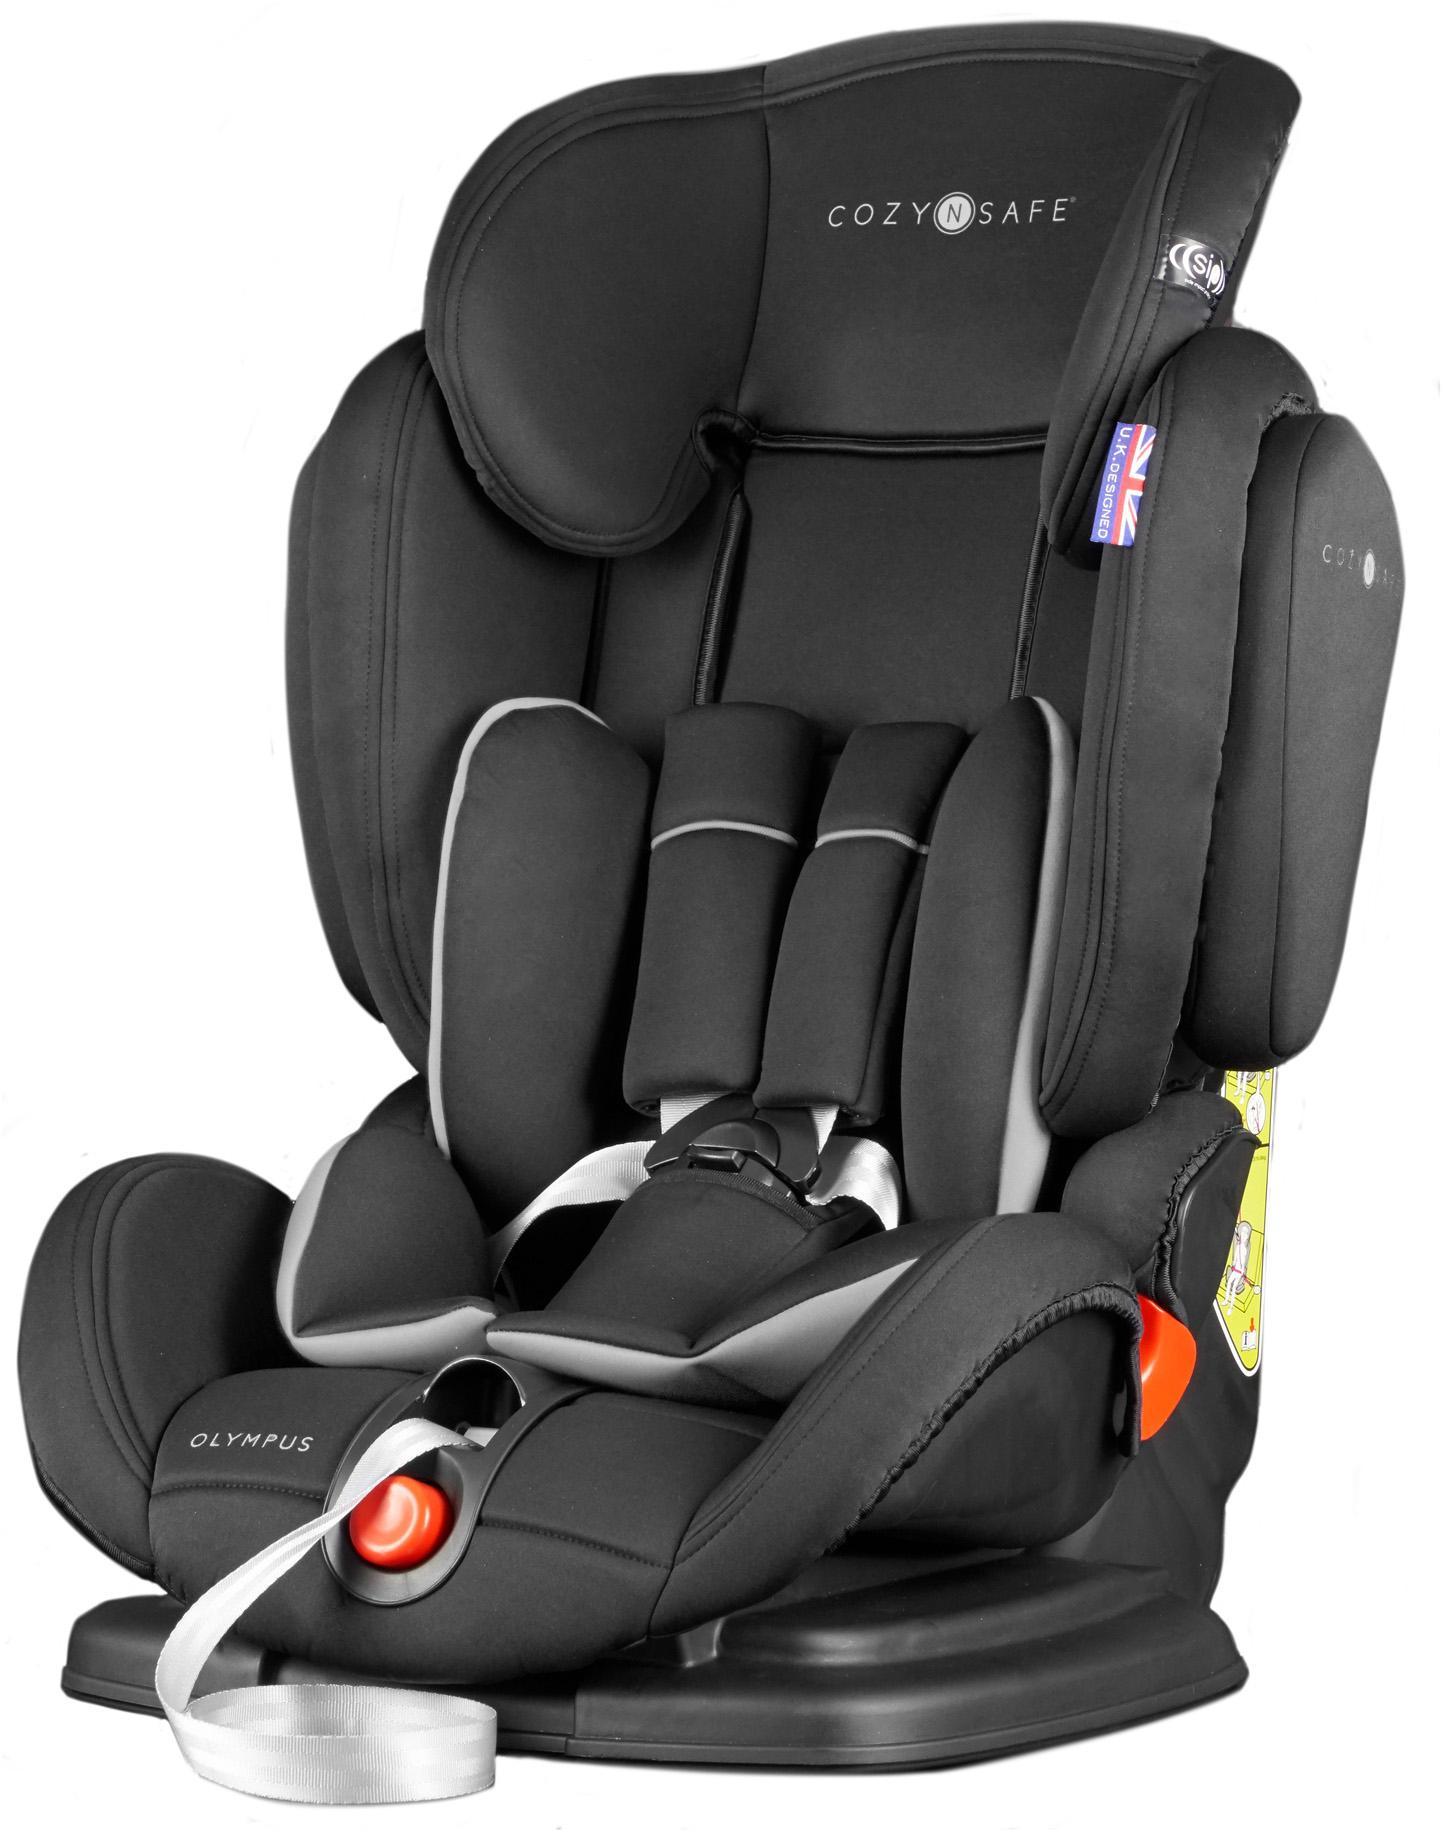 Cozy N Safe Olympus Child Car Seat